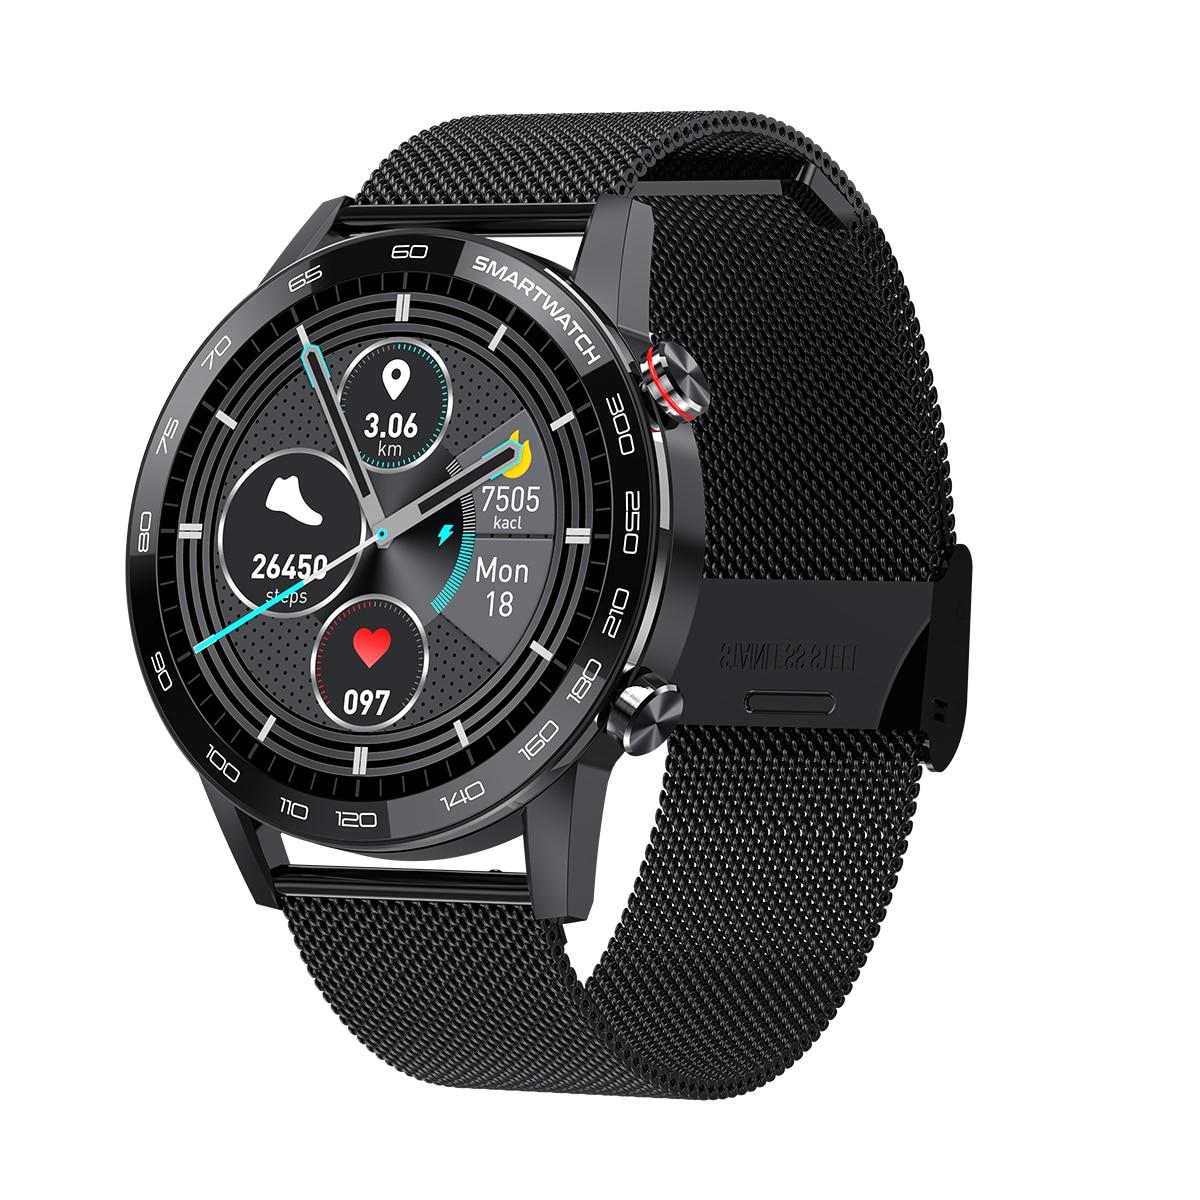 hd tela de toque completa smartwatch ecg